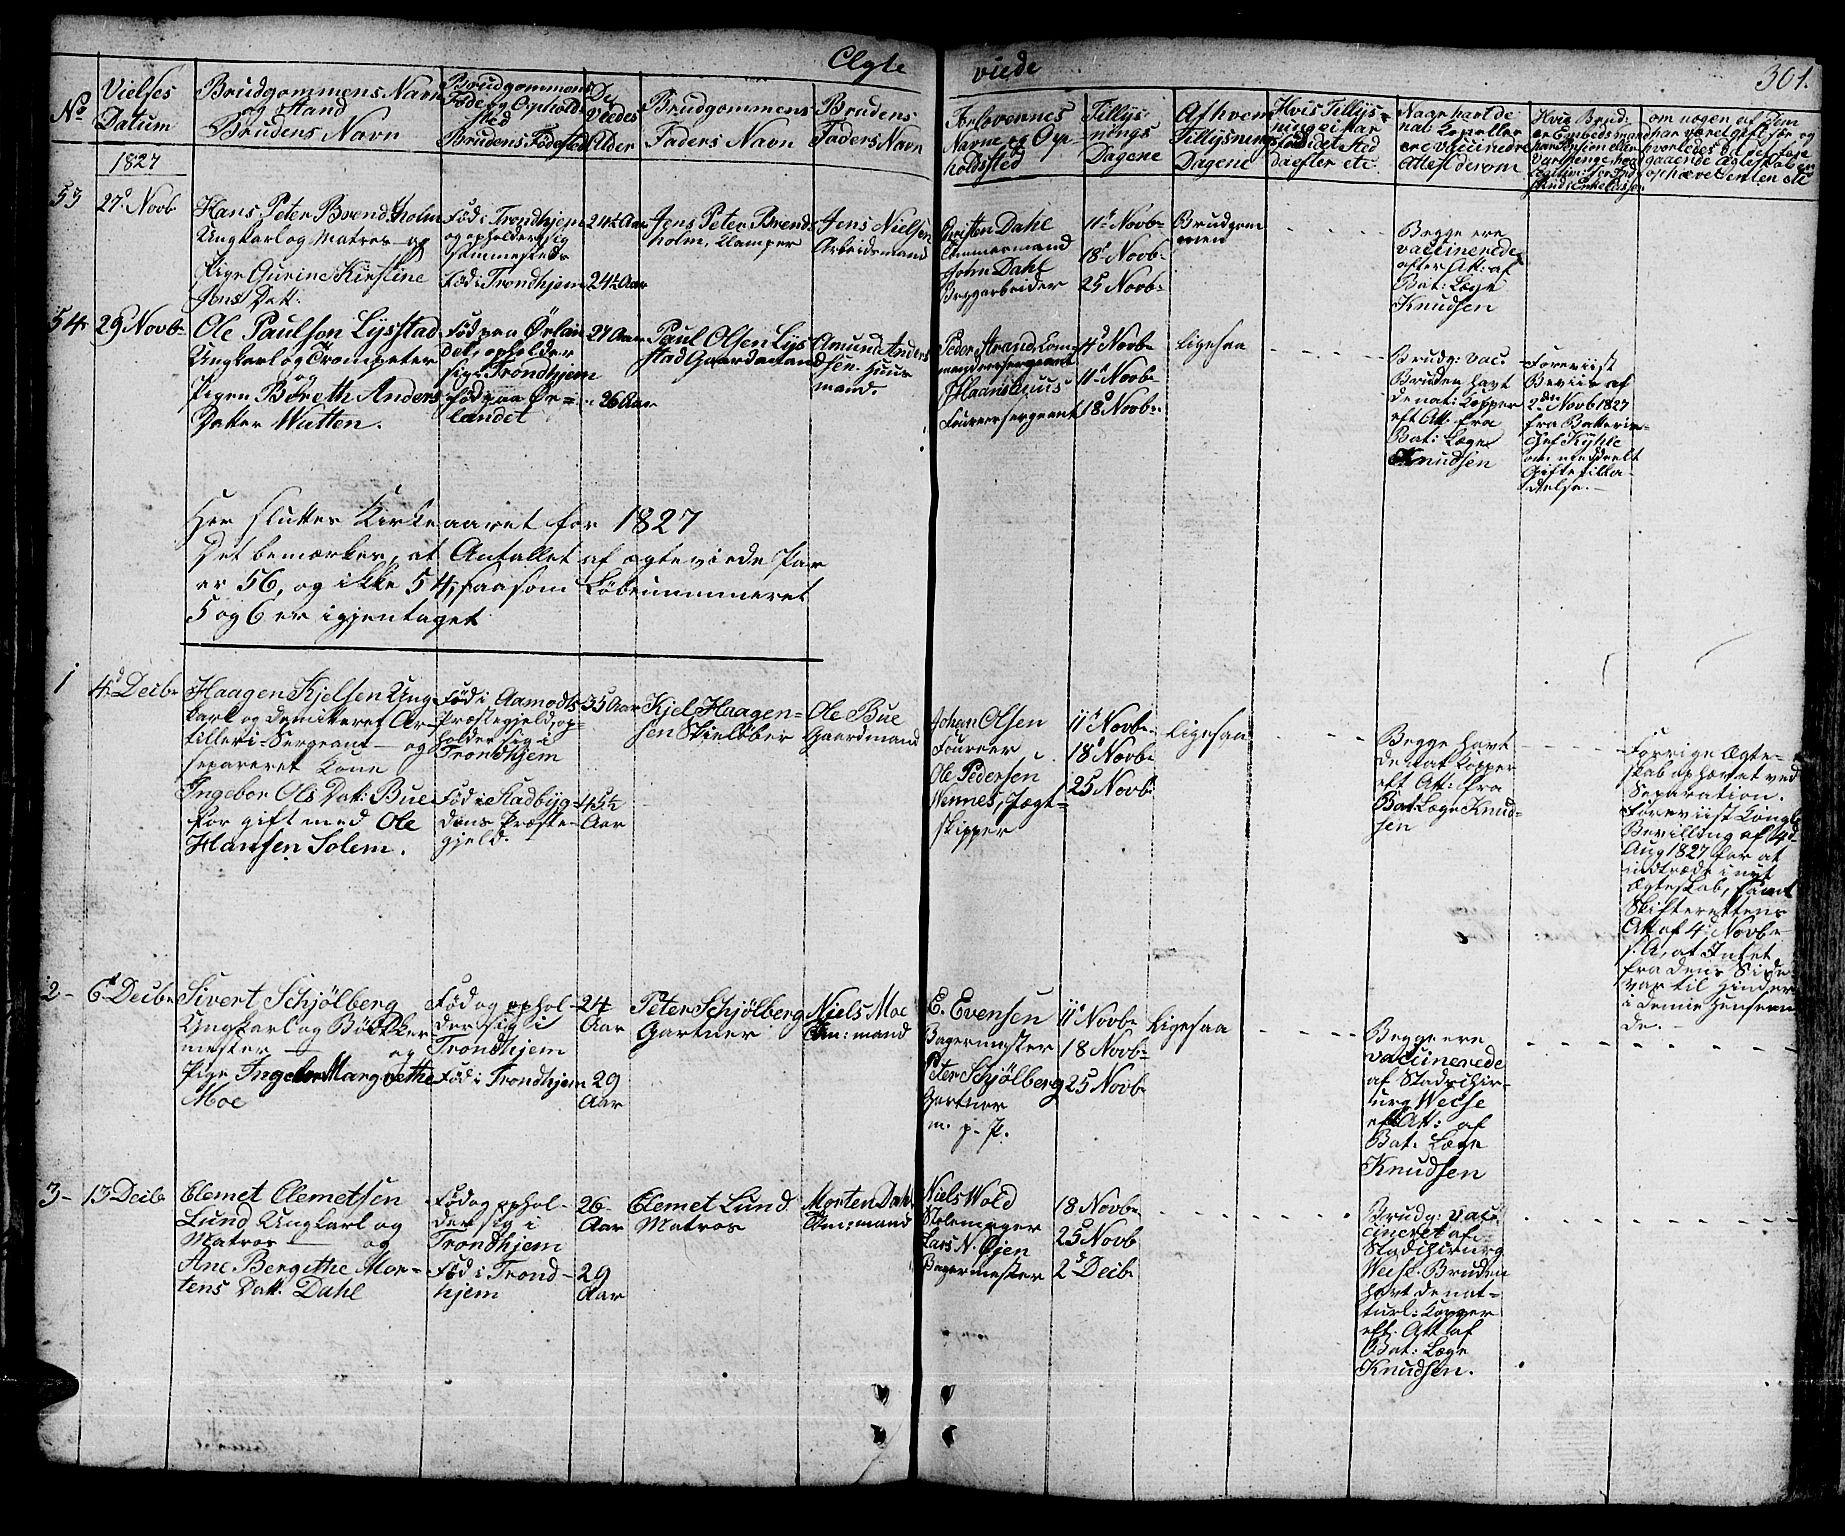 SAT, Ministerialprotokoller, klokkerbøker og fødselsregistre - Sør-Trøndelag, 601/L0045: Ministerialbok nr. 601A13, 1821-1831, s. 301